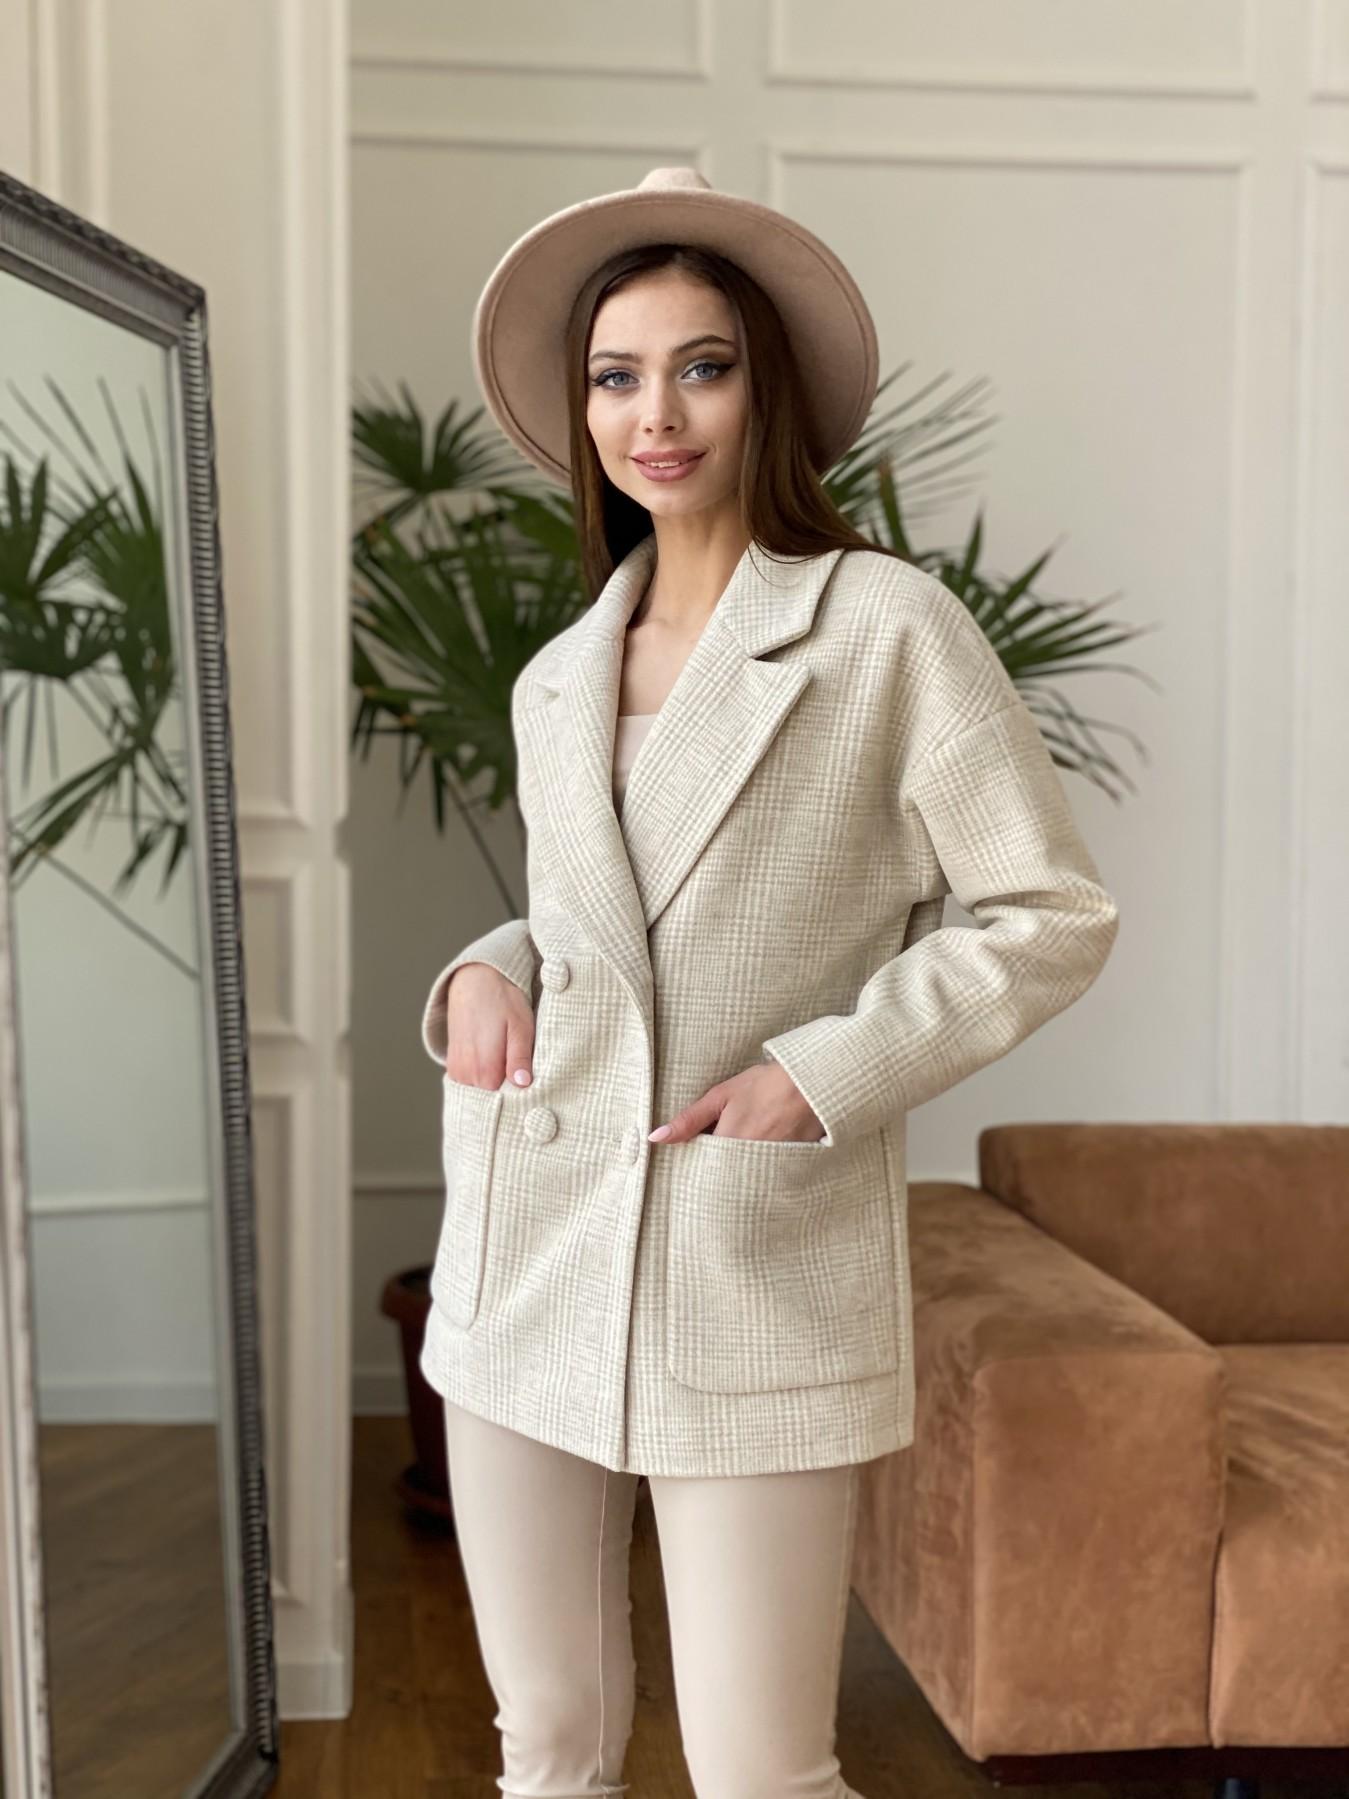 Демисезонного пальто оптом ТМ Modus Мансера пальто в клетку комби пальтовая ткань 11067